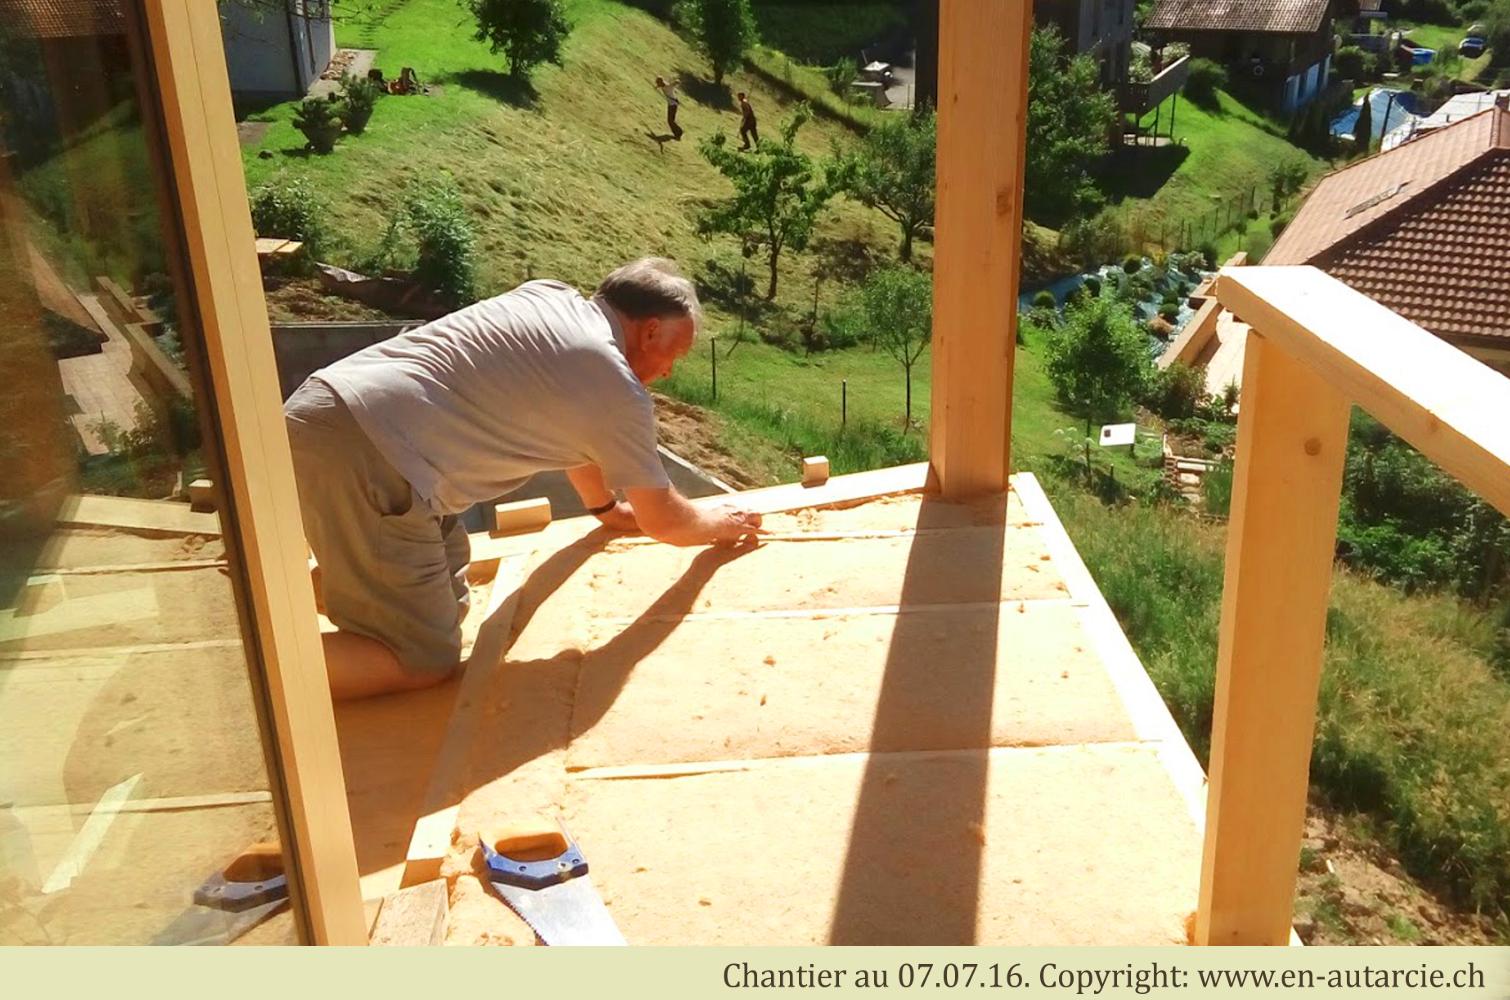 07.07.16 Isolation des balcons avant la pose de l'étanchéité. La laine de bois se prête bien à cela. Ce matériau naturel peut être travaillé sans protections car il n'est pas nocif.